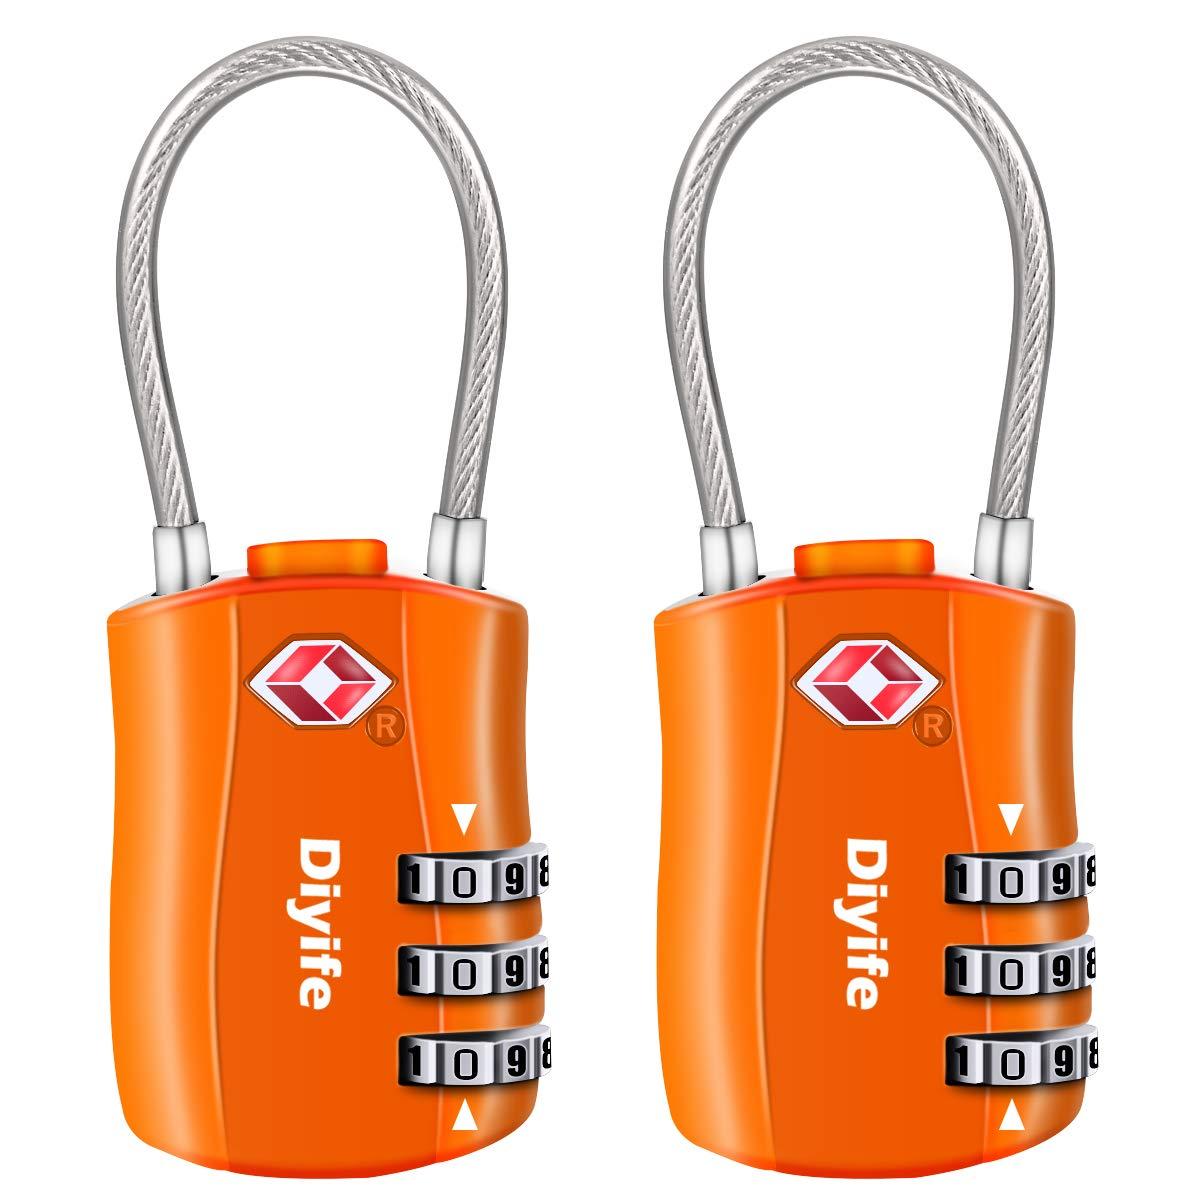 Diyife TSA Equipaje Locks, [2 Paquetes] 3 DíGitos Seguridad Candado, CombinacióN Candados